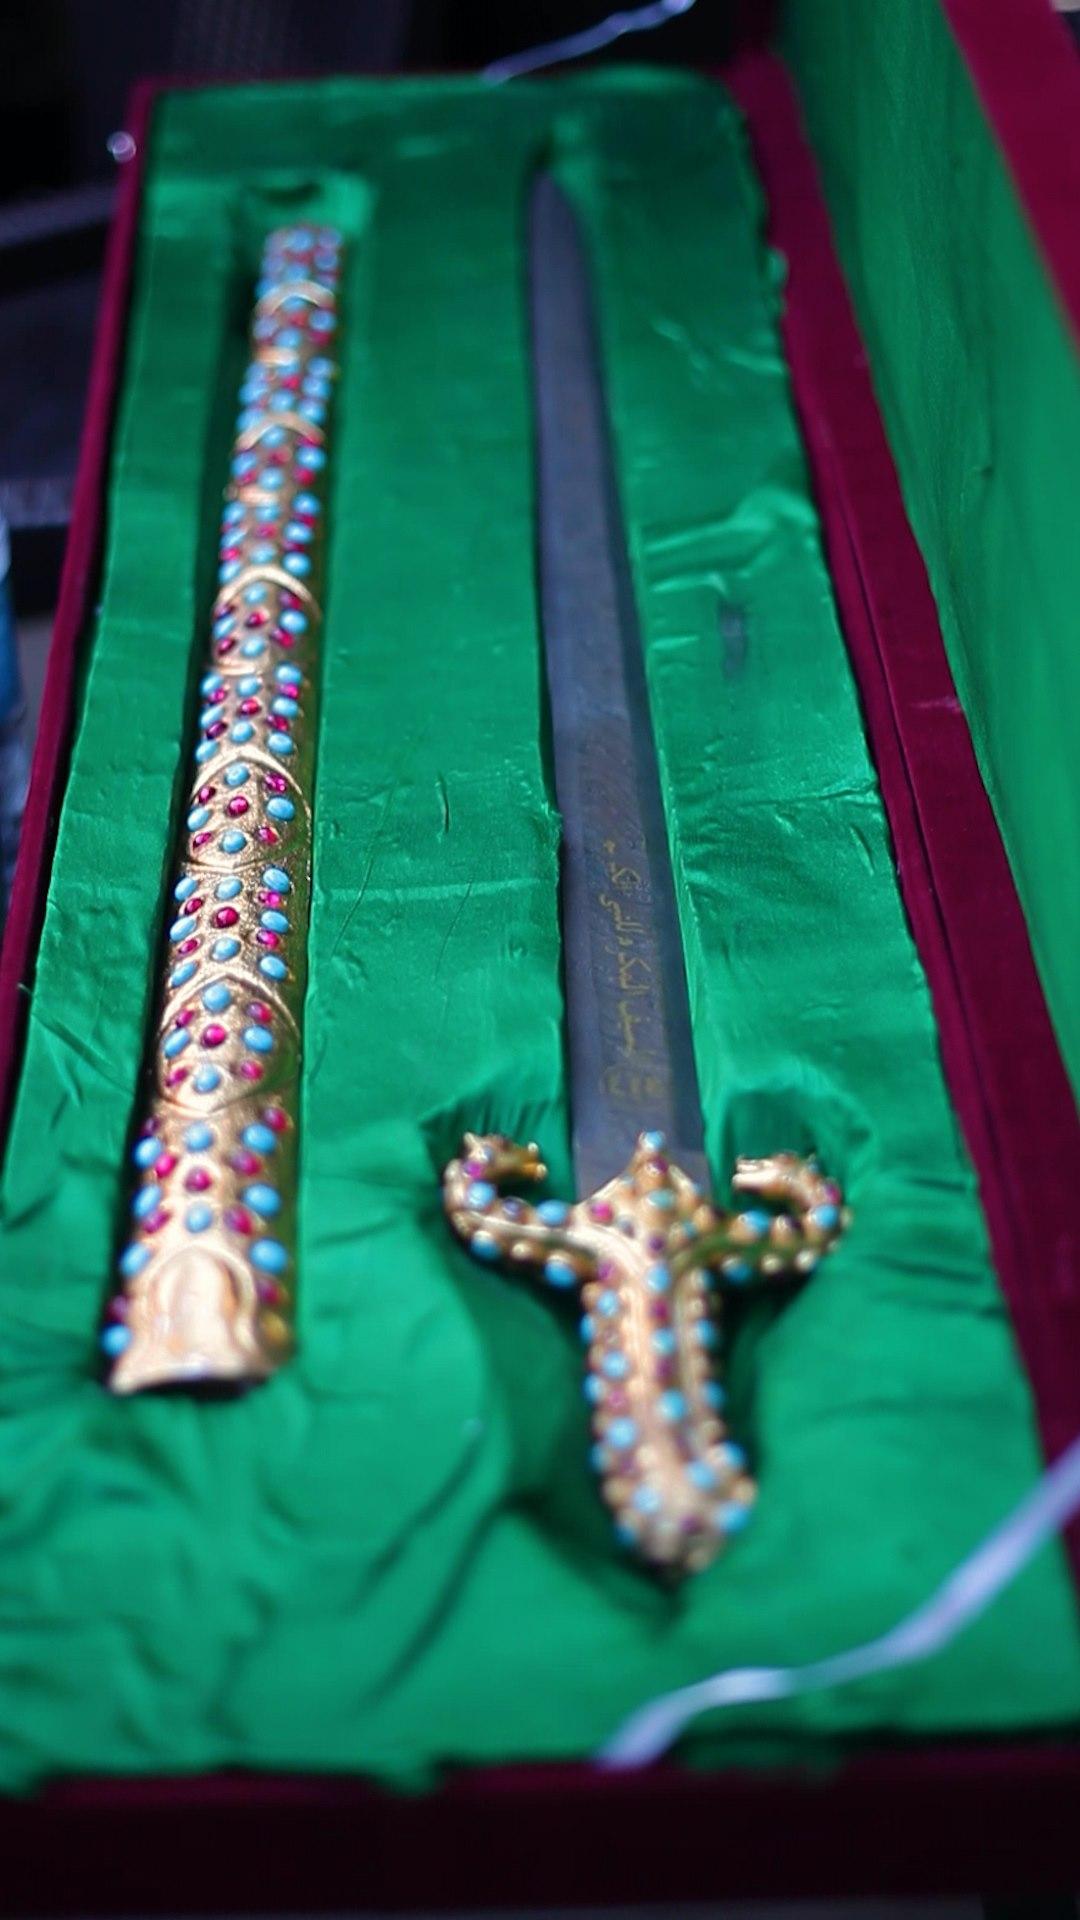 """المأثُوُر، جسے """"المأثُوُر الفِجر"""" بھی کہا جاتا ہے، وہ تلوار ہے جو مَک..."""